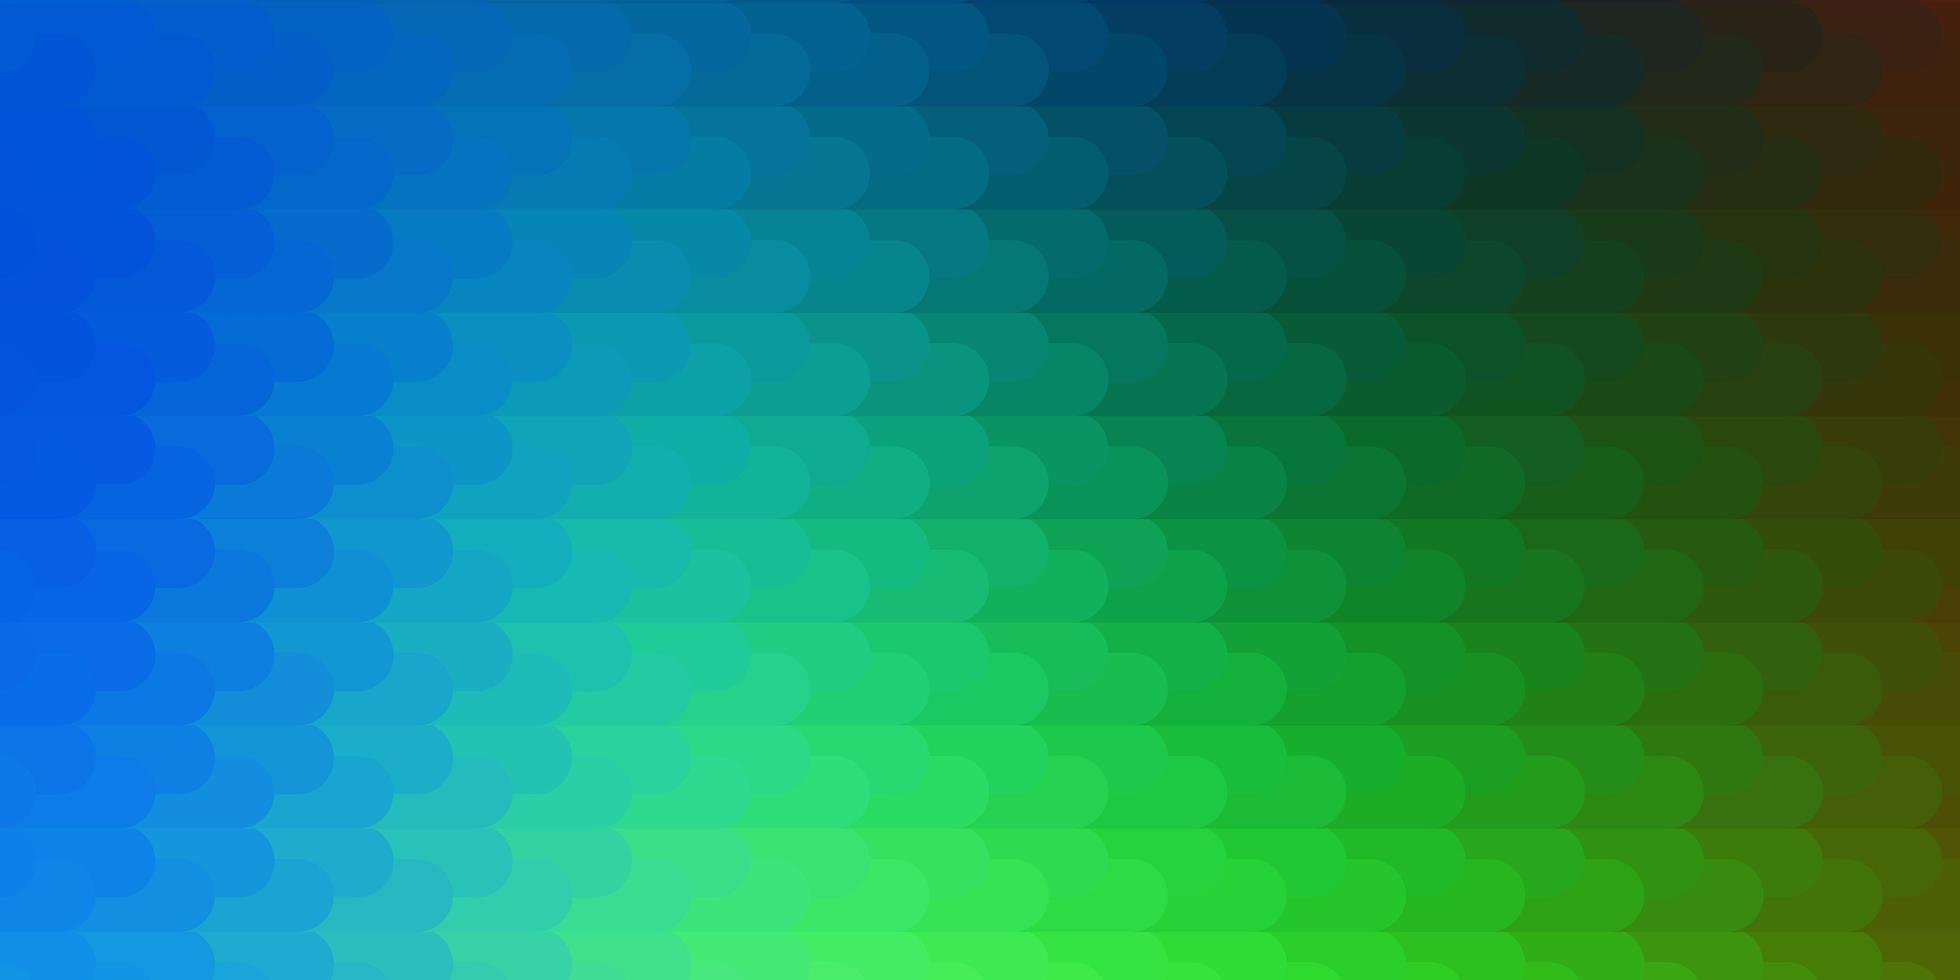 ljusblå, grön vektorstruktur med linjer. vektor